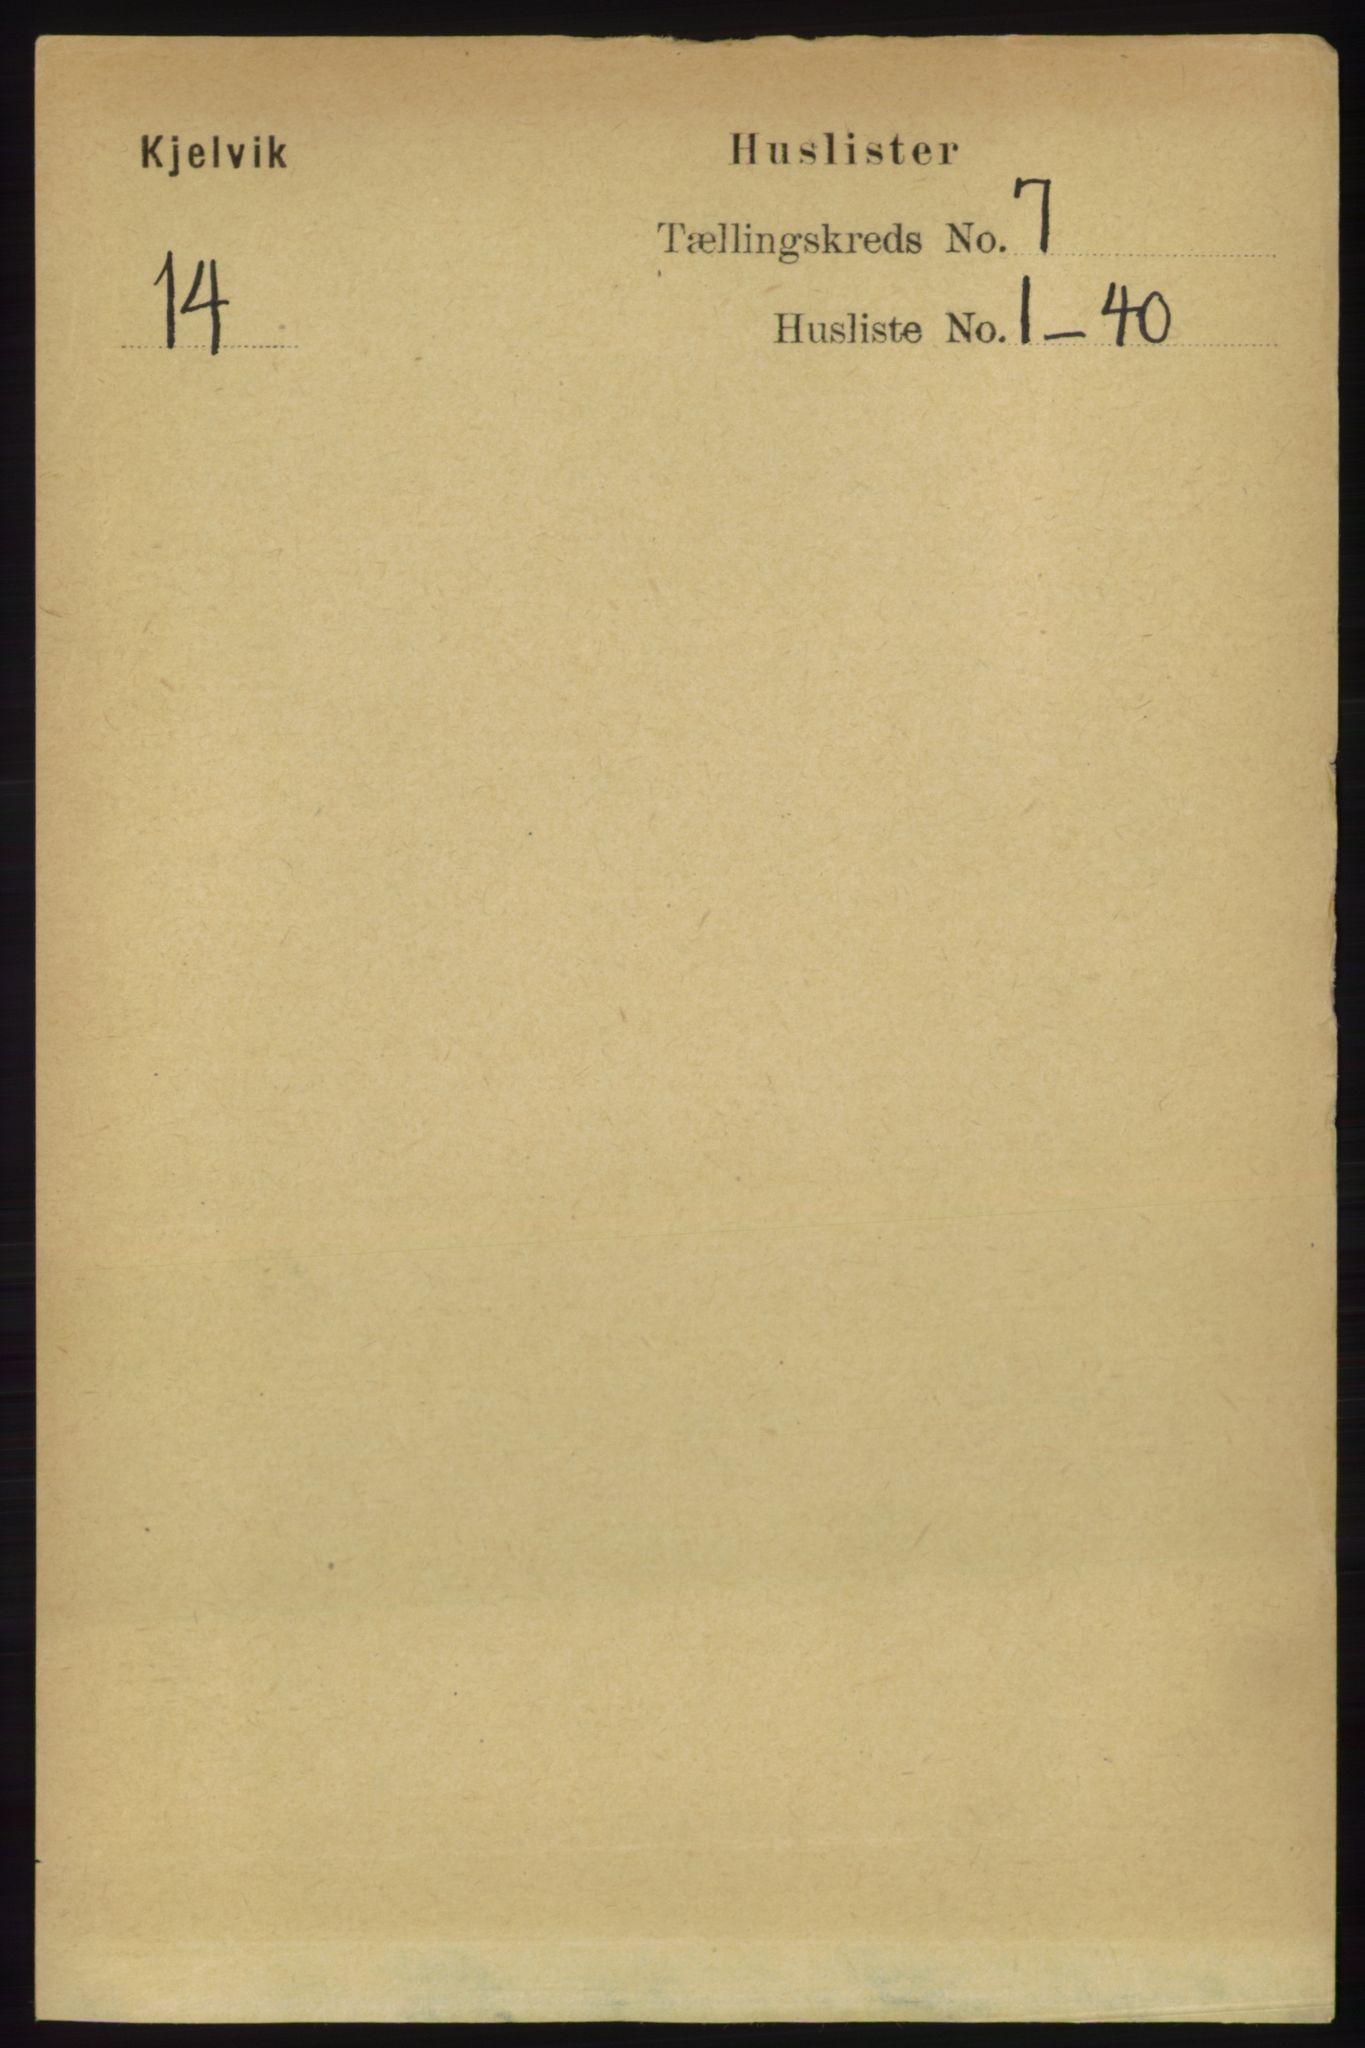 RA, Folketelling 1891 for 2019 Kjelvik herred, 1891, s. 845